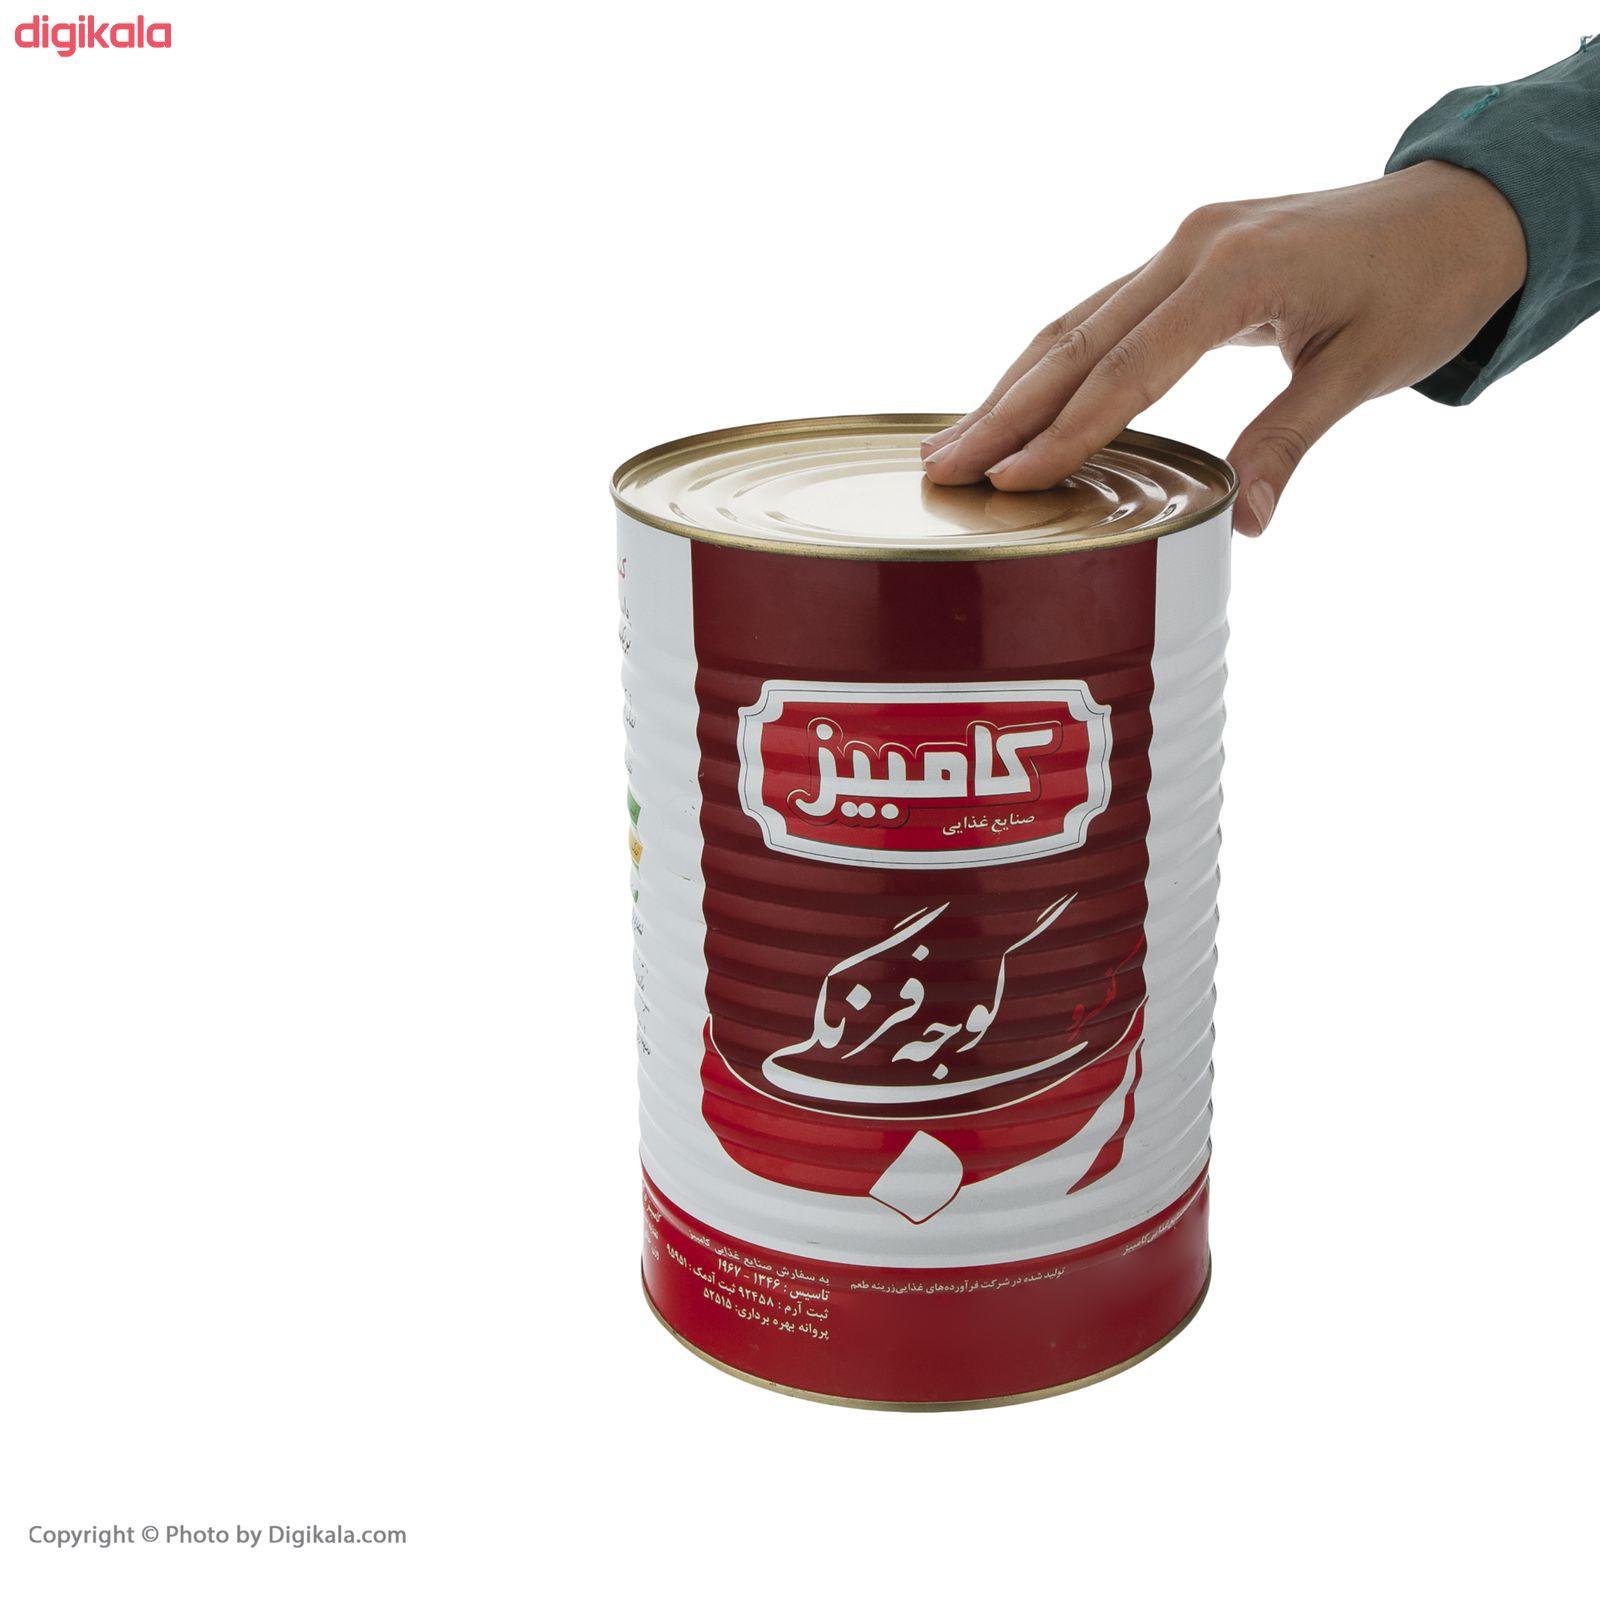 کنسرو رب گوجه فرنگی کامبیز - 4 کیلوگرم main 1 4